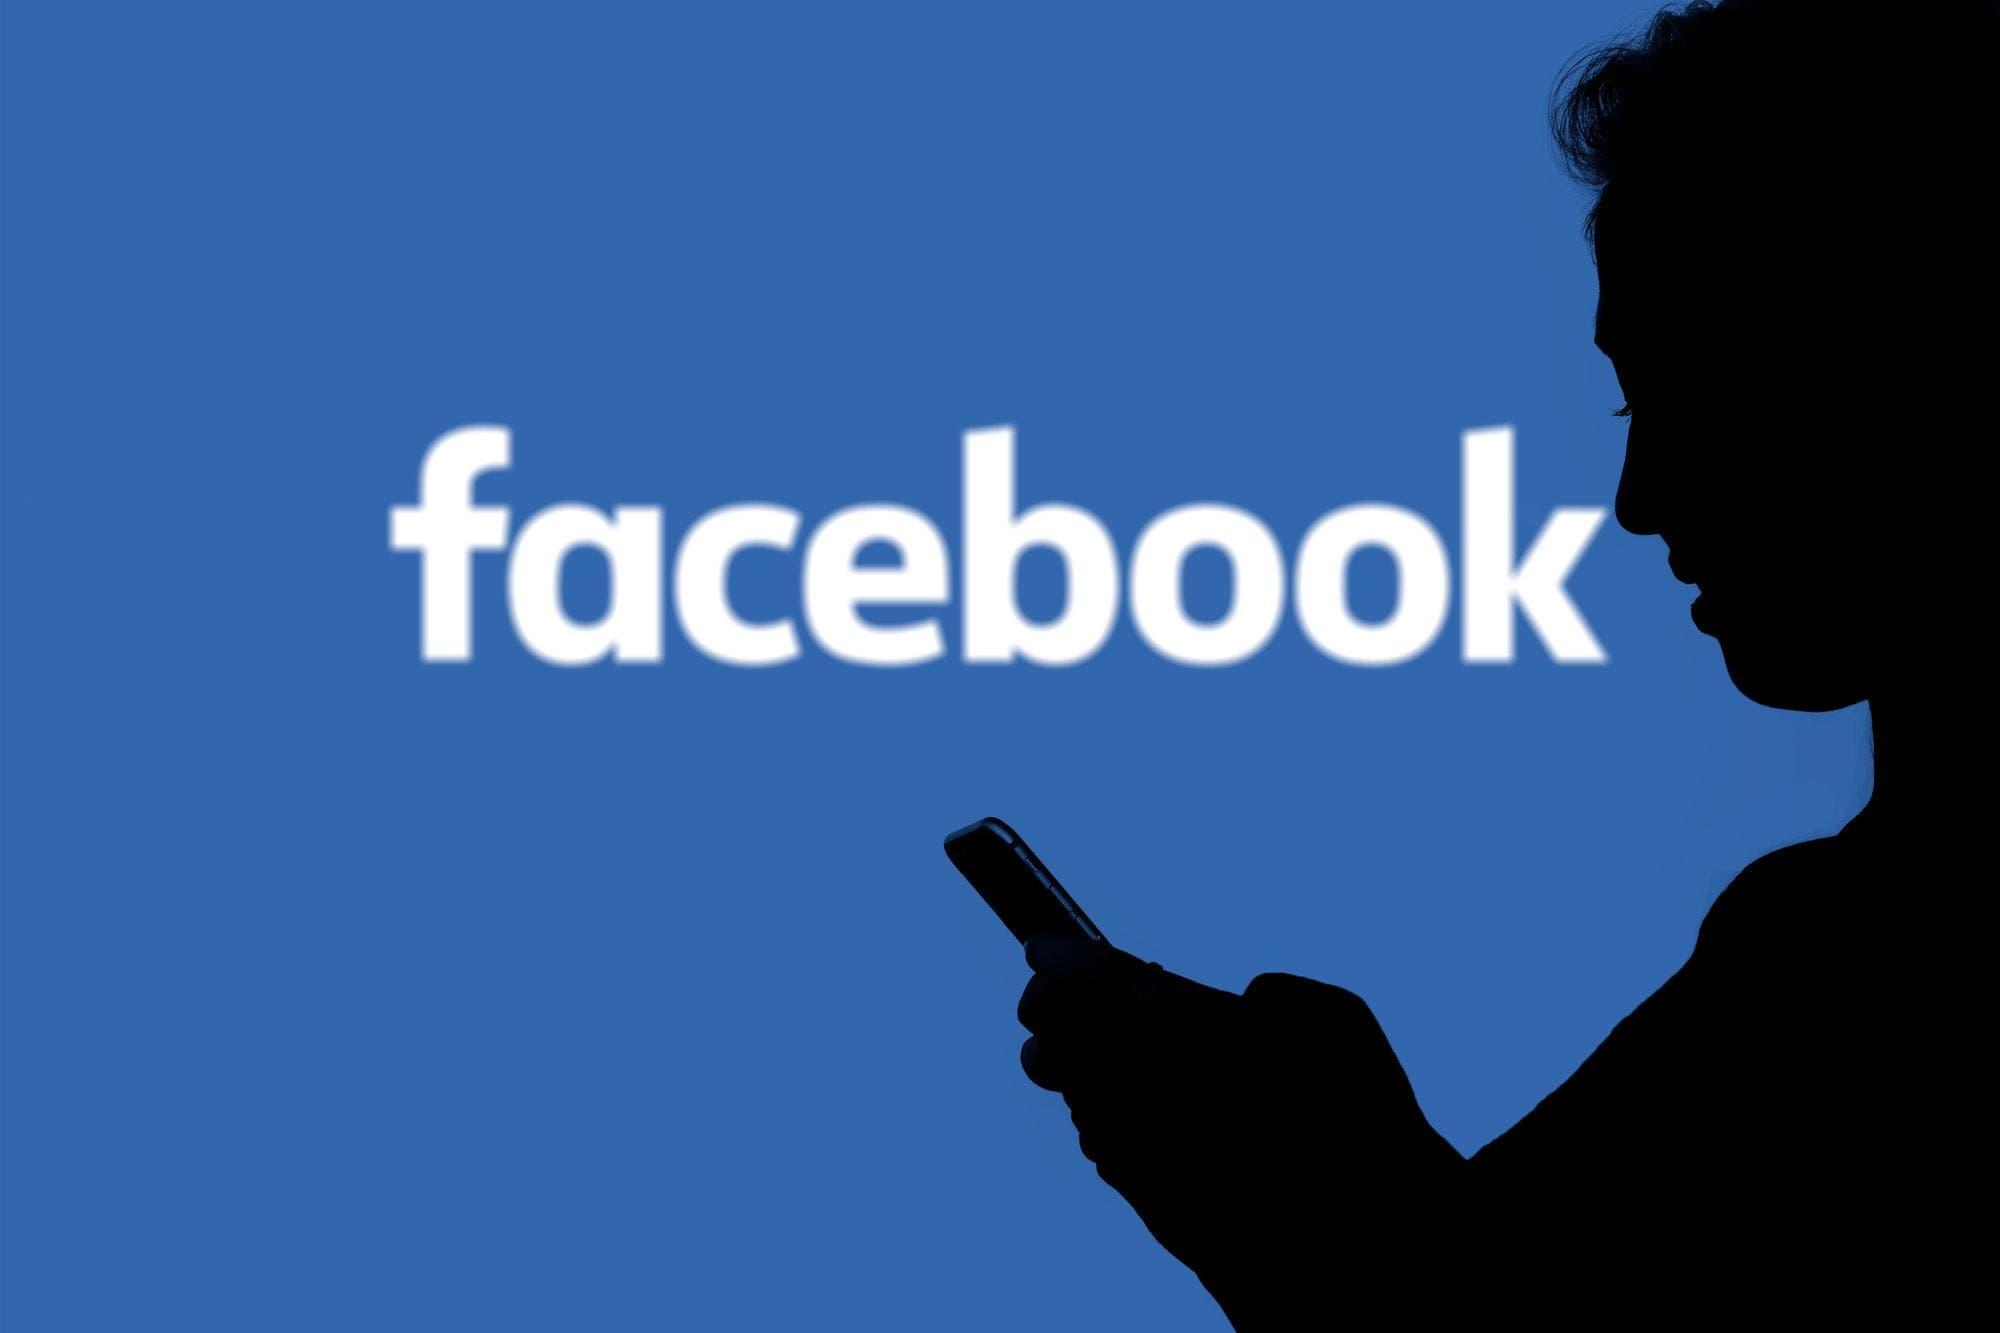 Facebook amenaza con irse de Europa si no puede transferir datos a EE.UU.